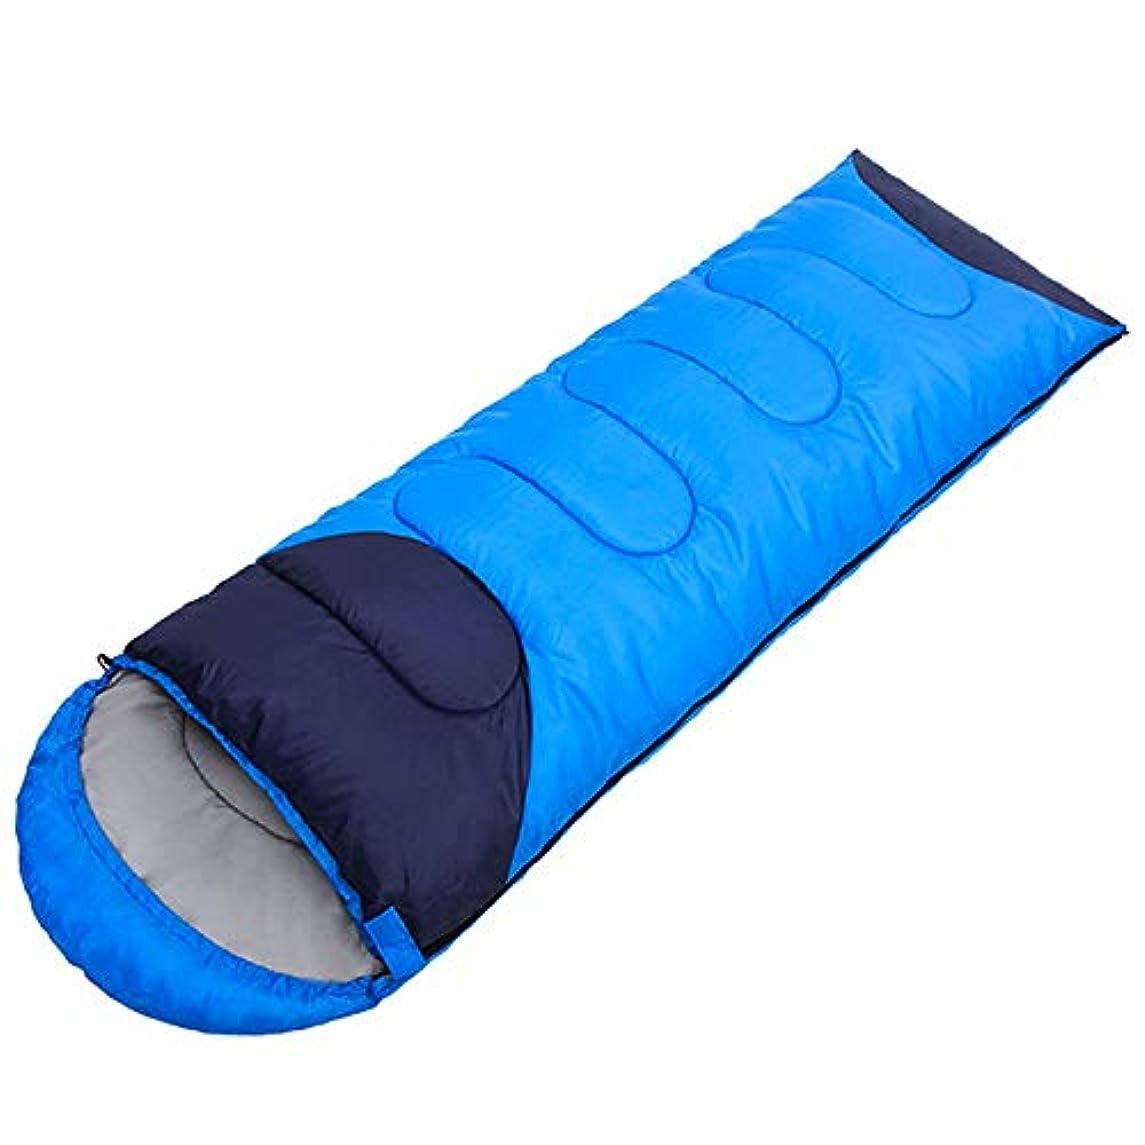 対立不確実晩ごはんDjyyh 大人の寝袋屋外春と夏のキャンプポータブル寝袋2色 (Color : Light blue)